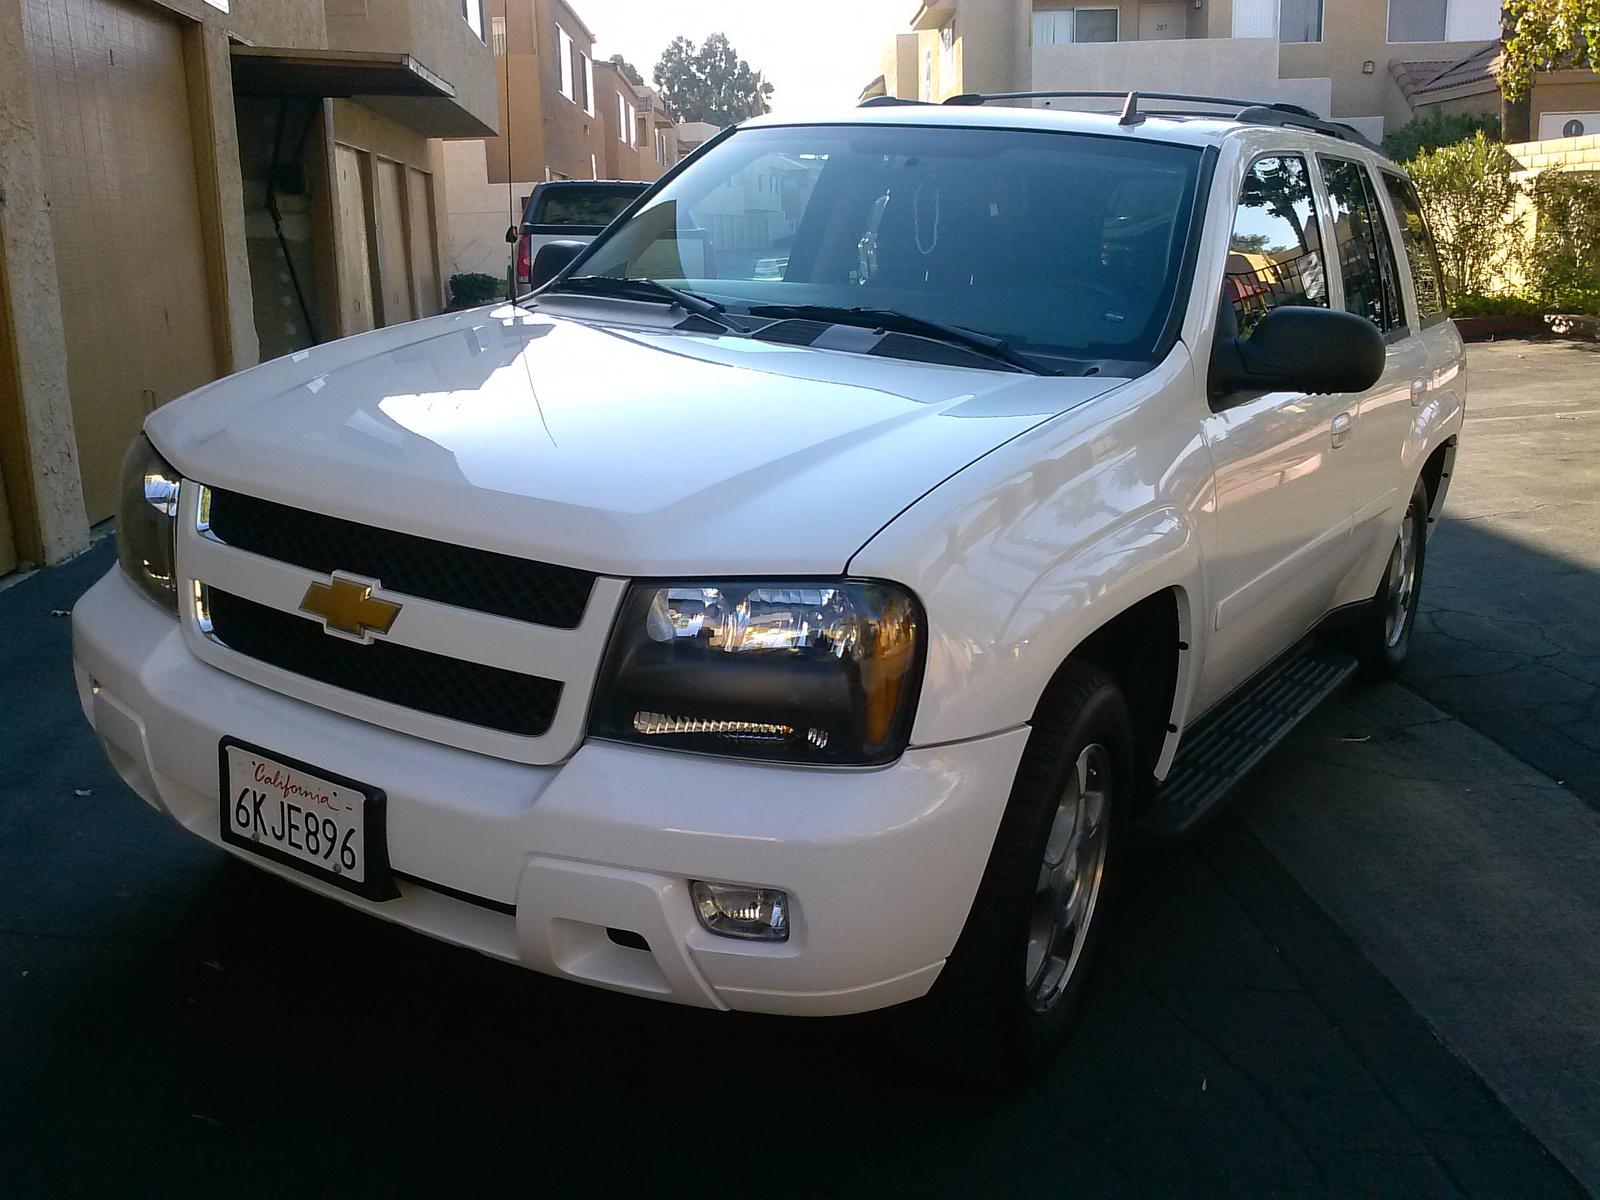 2009 Chevrolet TrailBlazer - Pictures - CarGurus